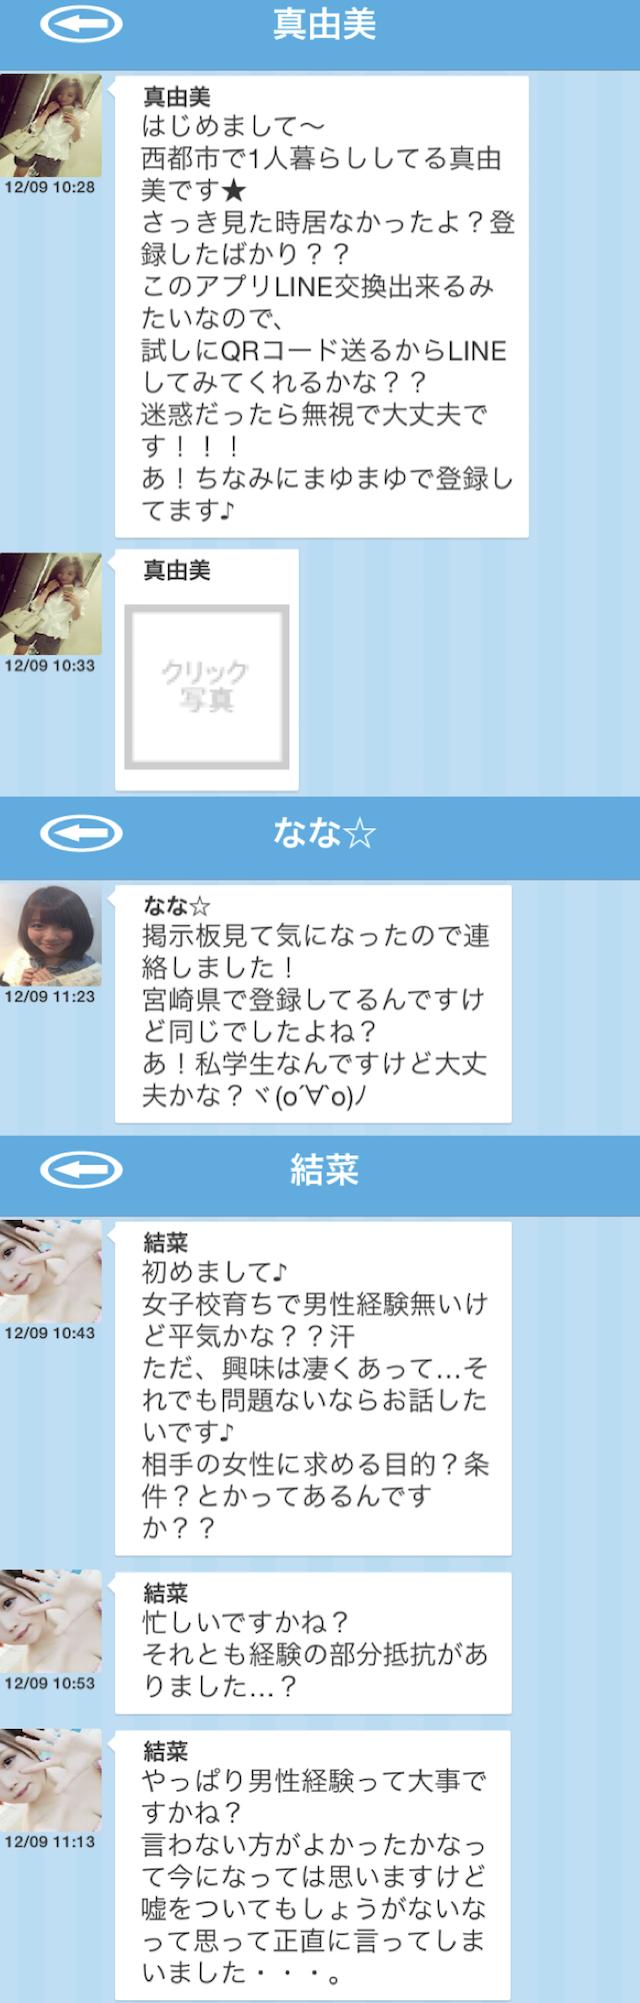 トークメイト_アプリ1